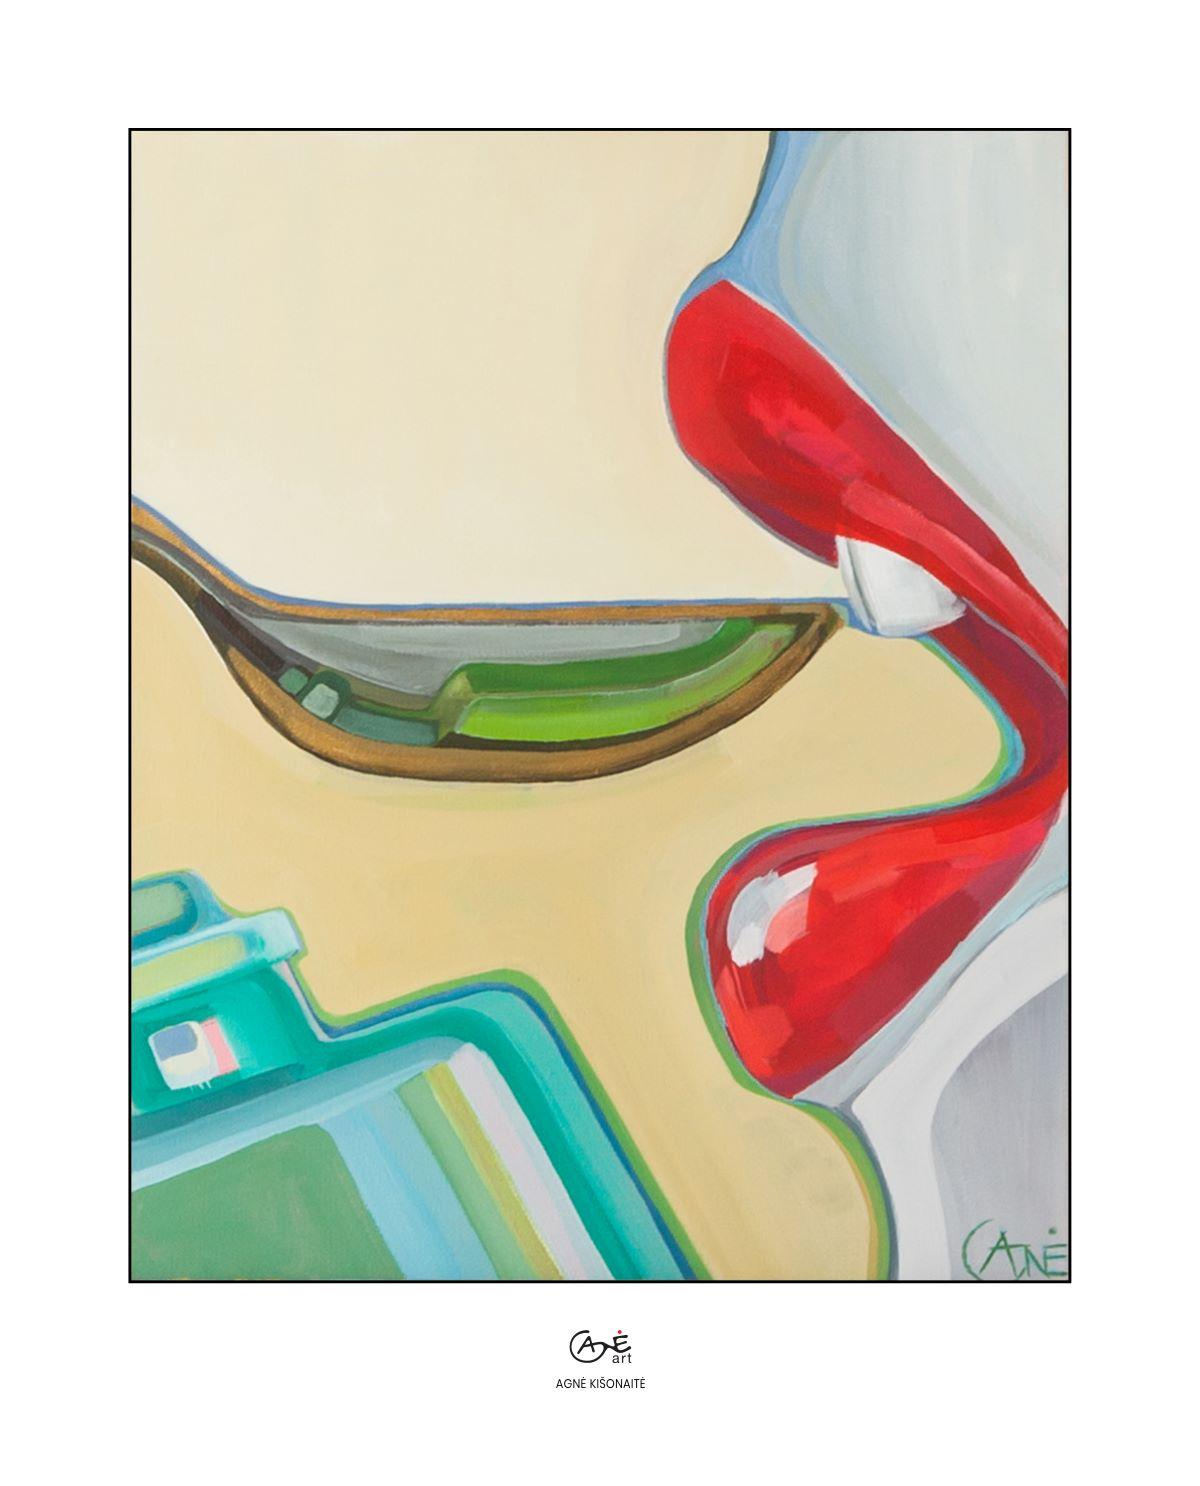 Agne Kisonaite painting reproduction print Cod Liver Oil